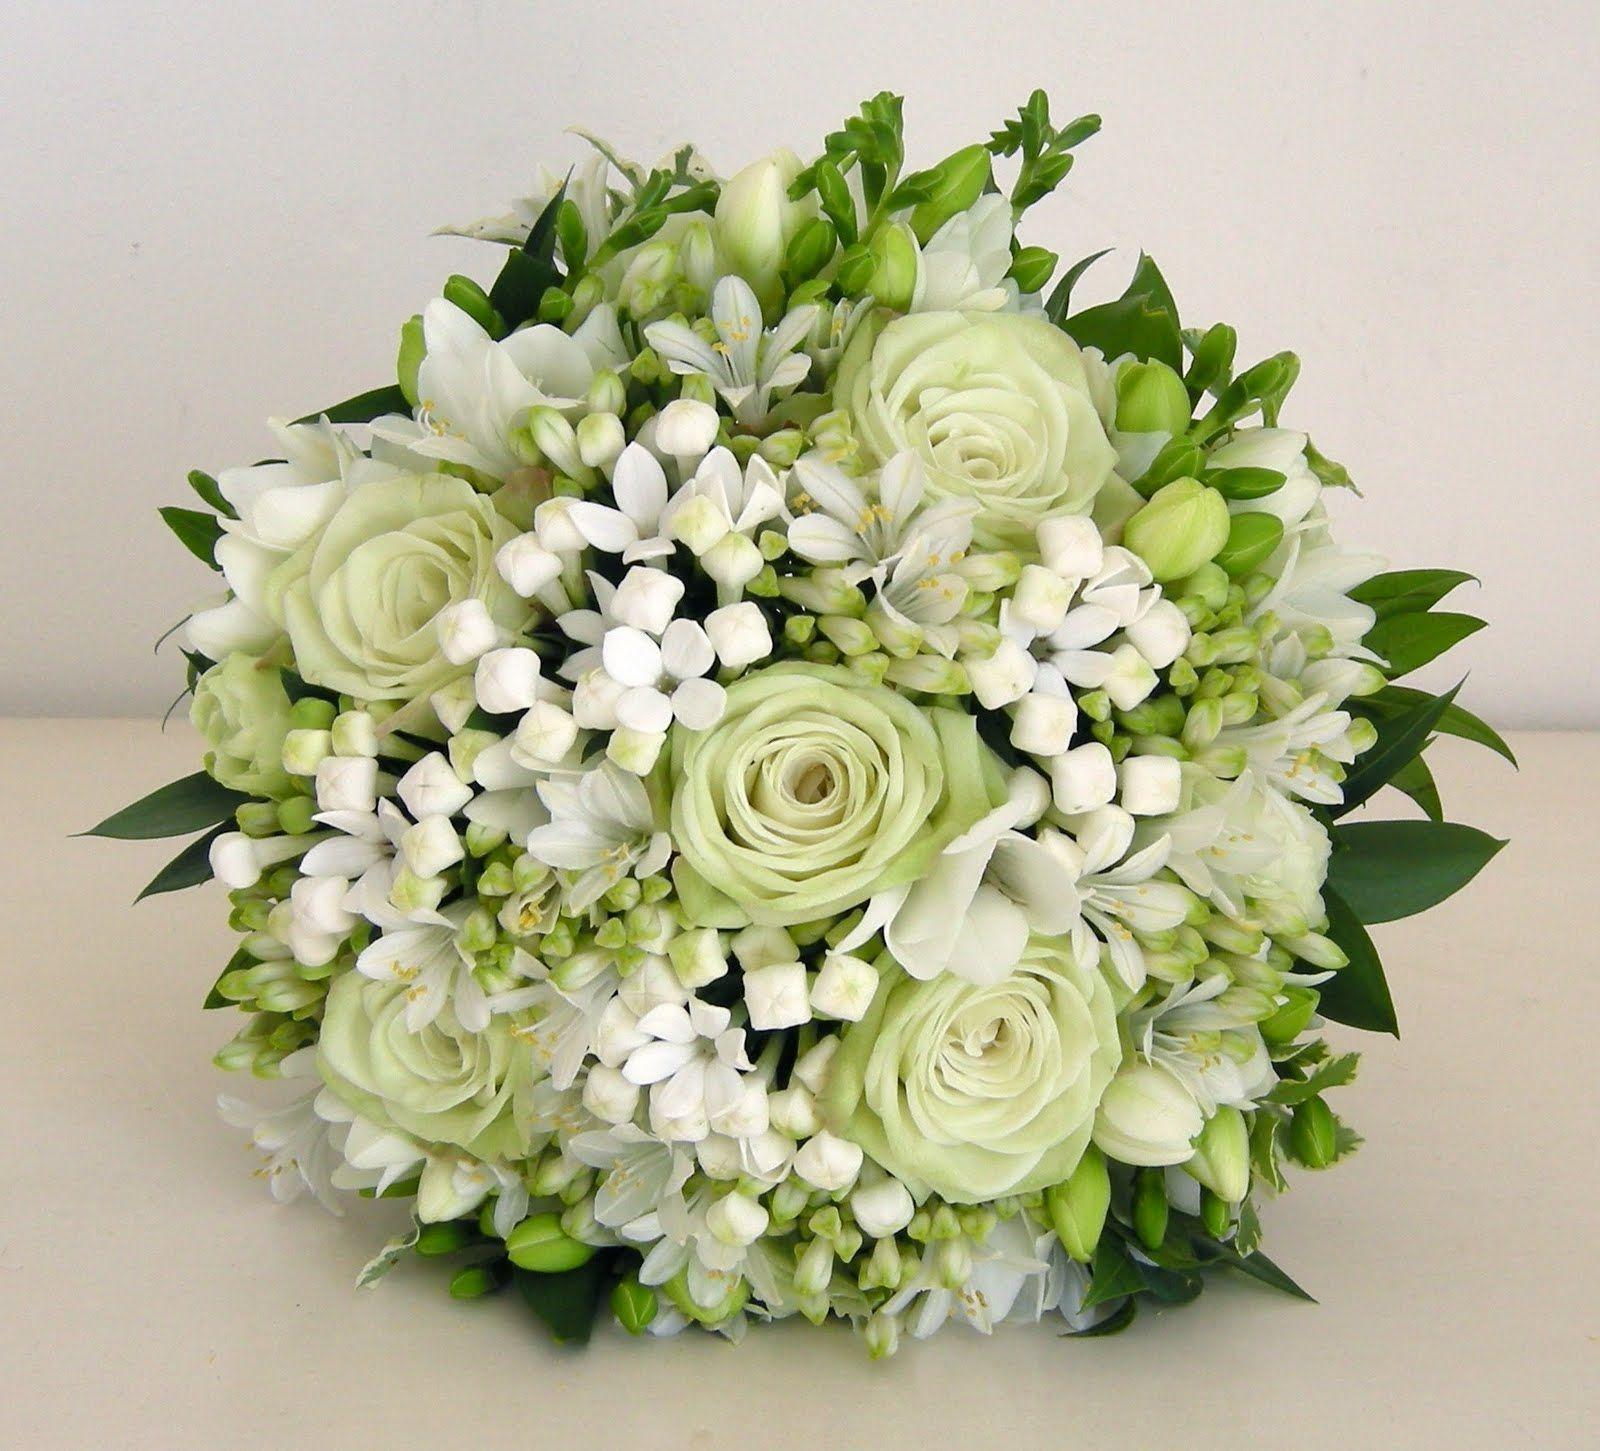 Bouquet Sposa Con Fiori D Arancio.Fiori D Arancio Bouquet Sposa Cerca Con Google Bouquet